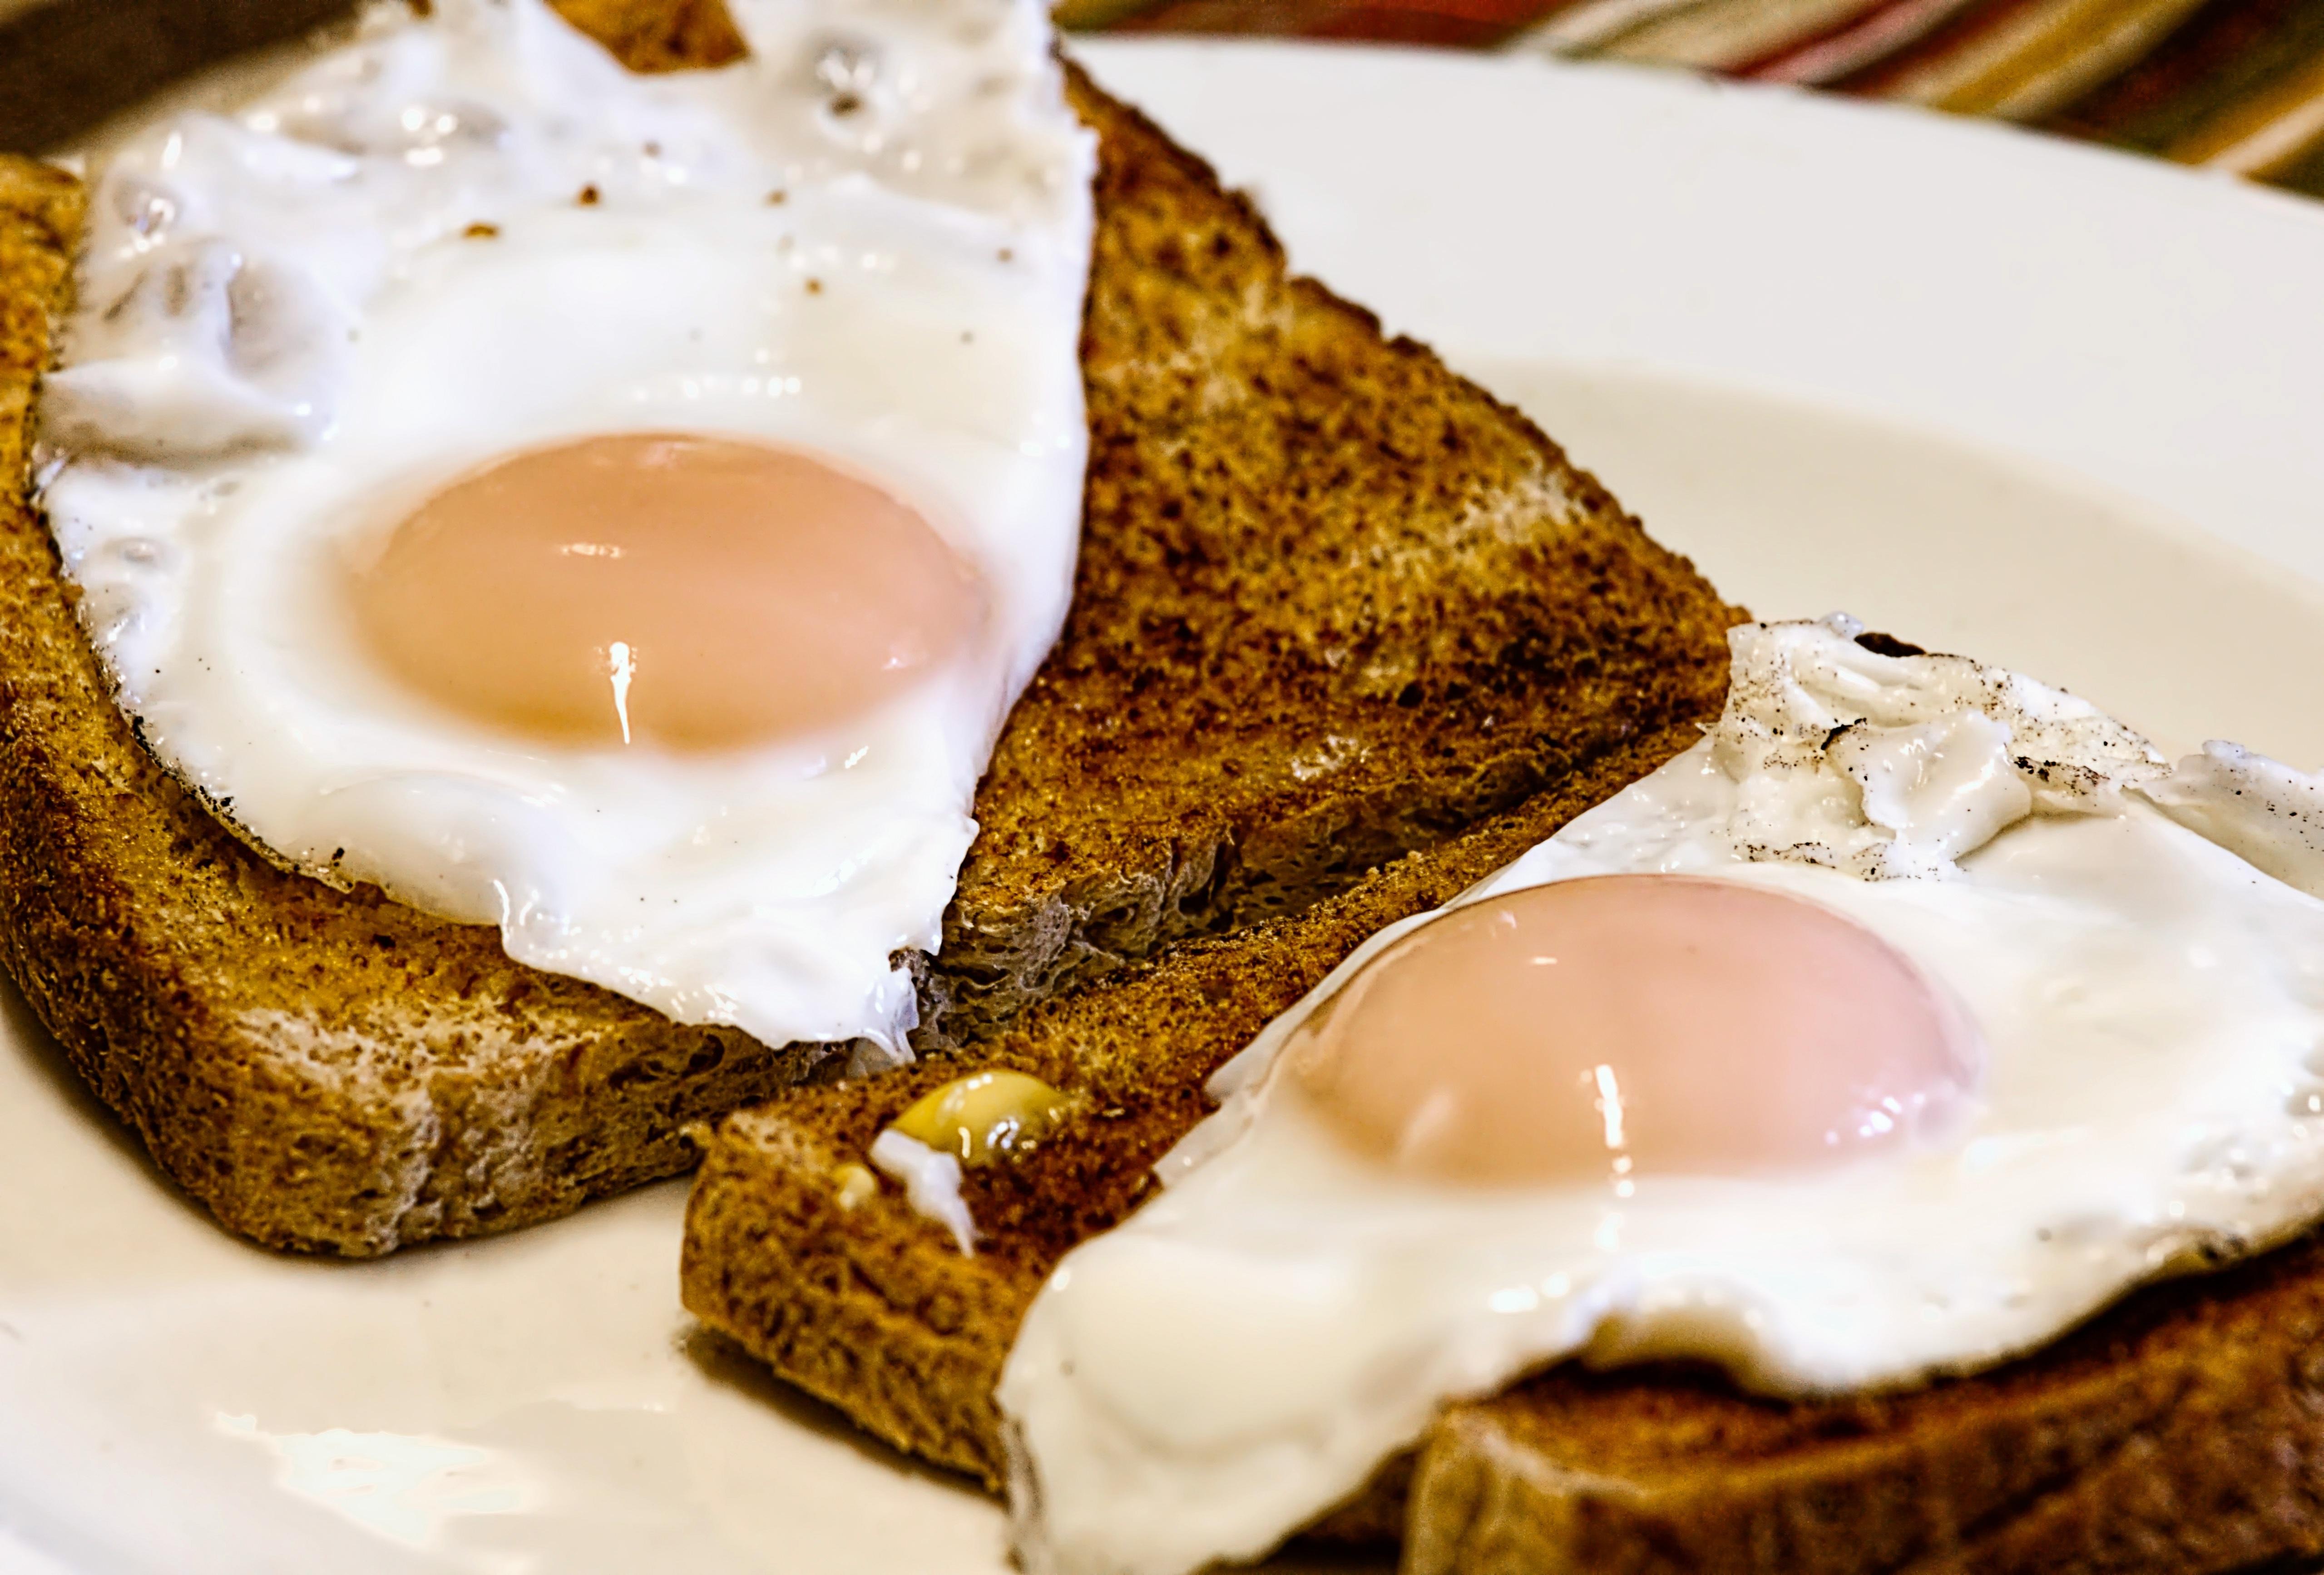 еда яичница желток  № 747036 бесплатно